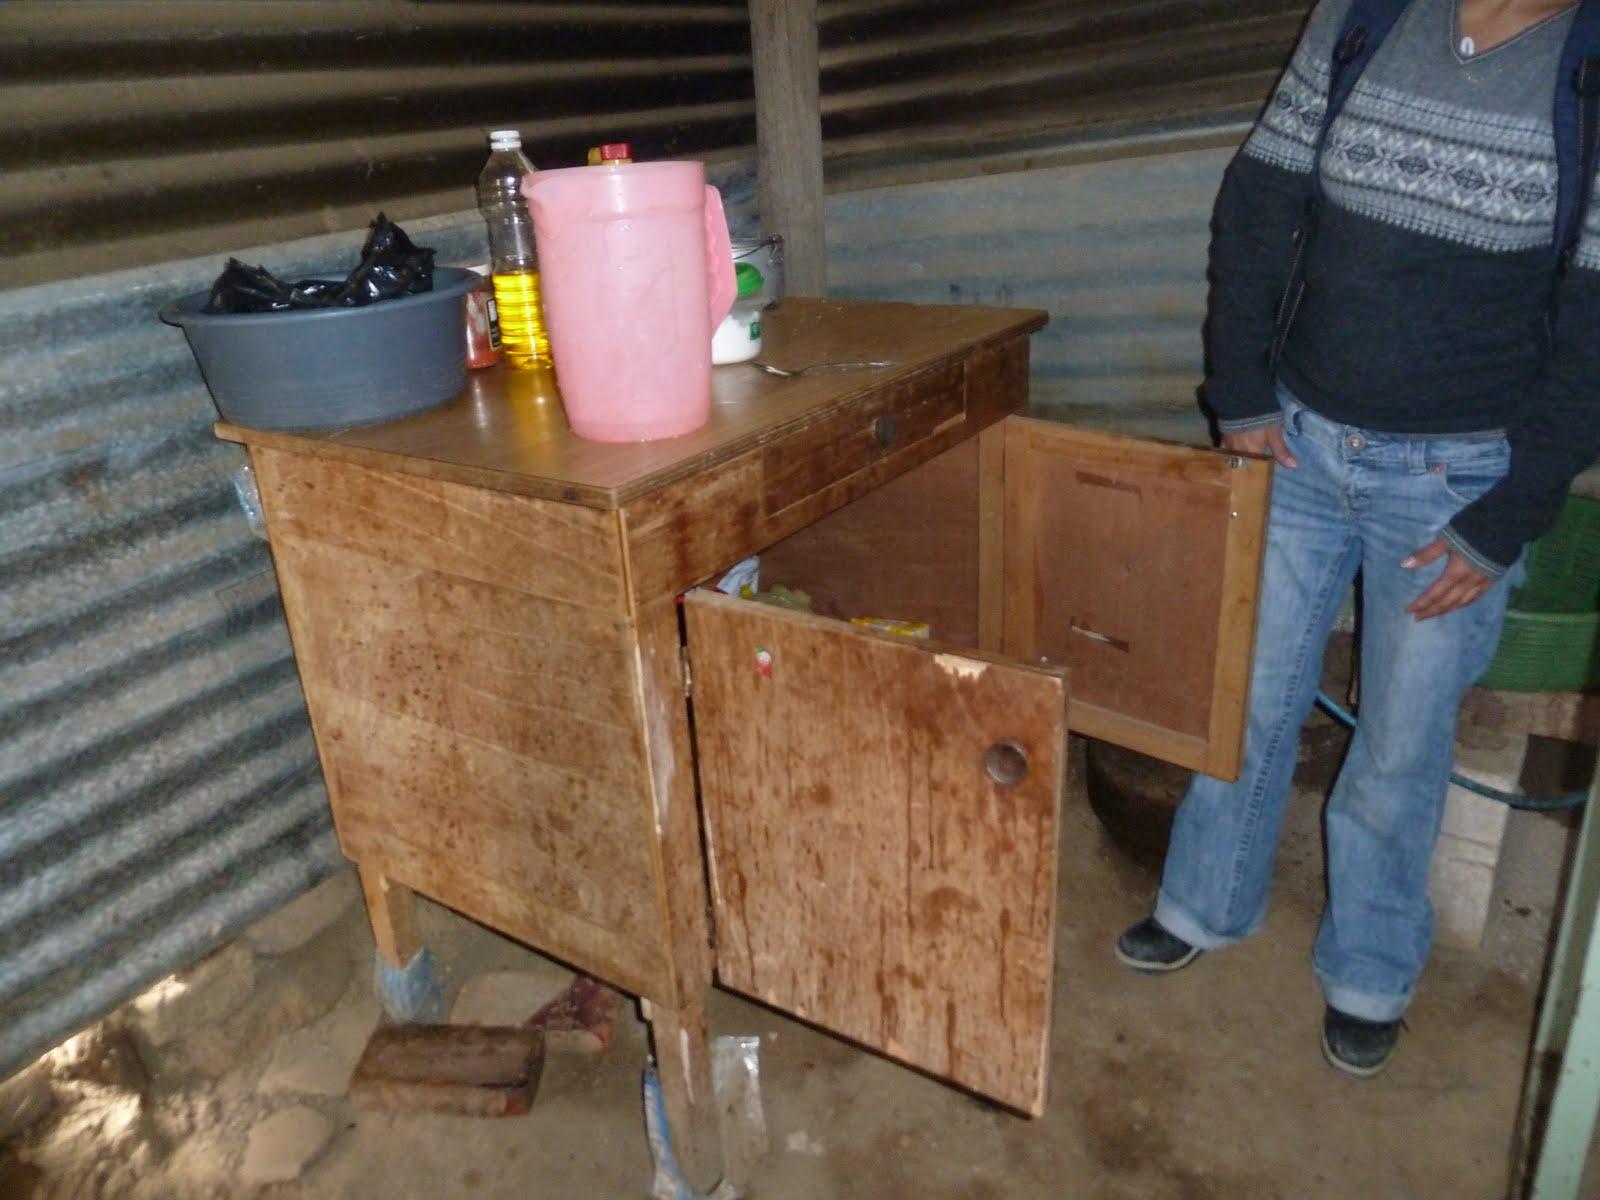 Sudenguatemala visite de la deuxi me garderie de s o s - Dessus de comptoir de cuisine pas cher ...